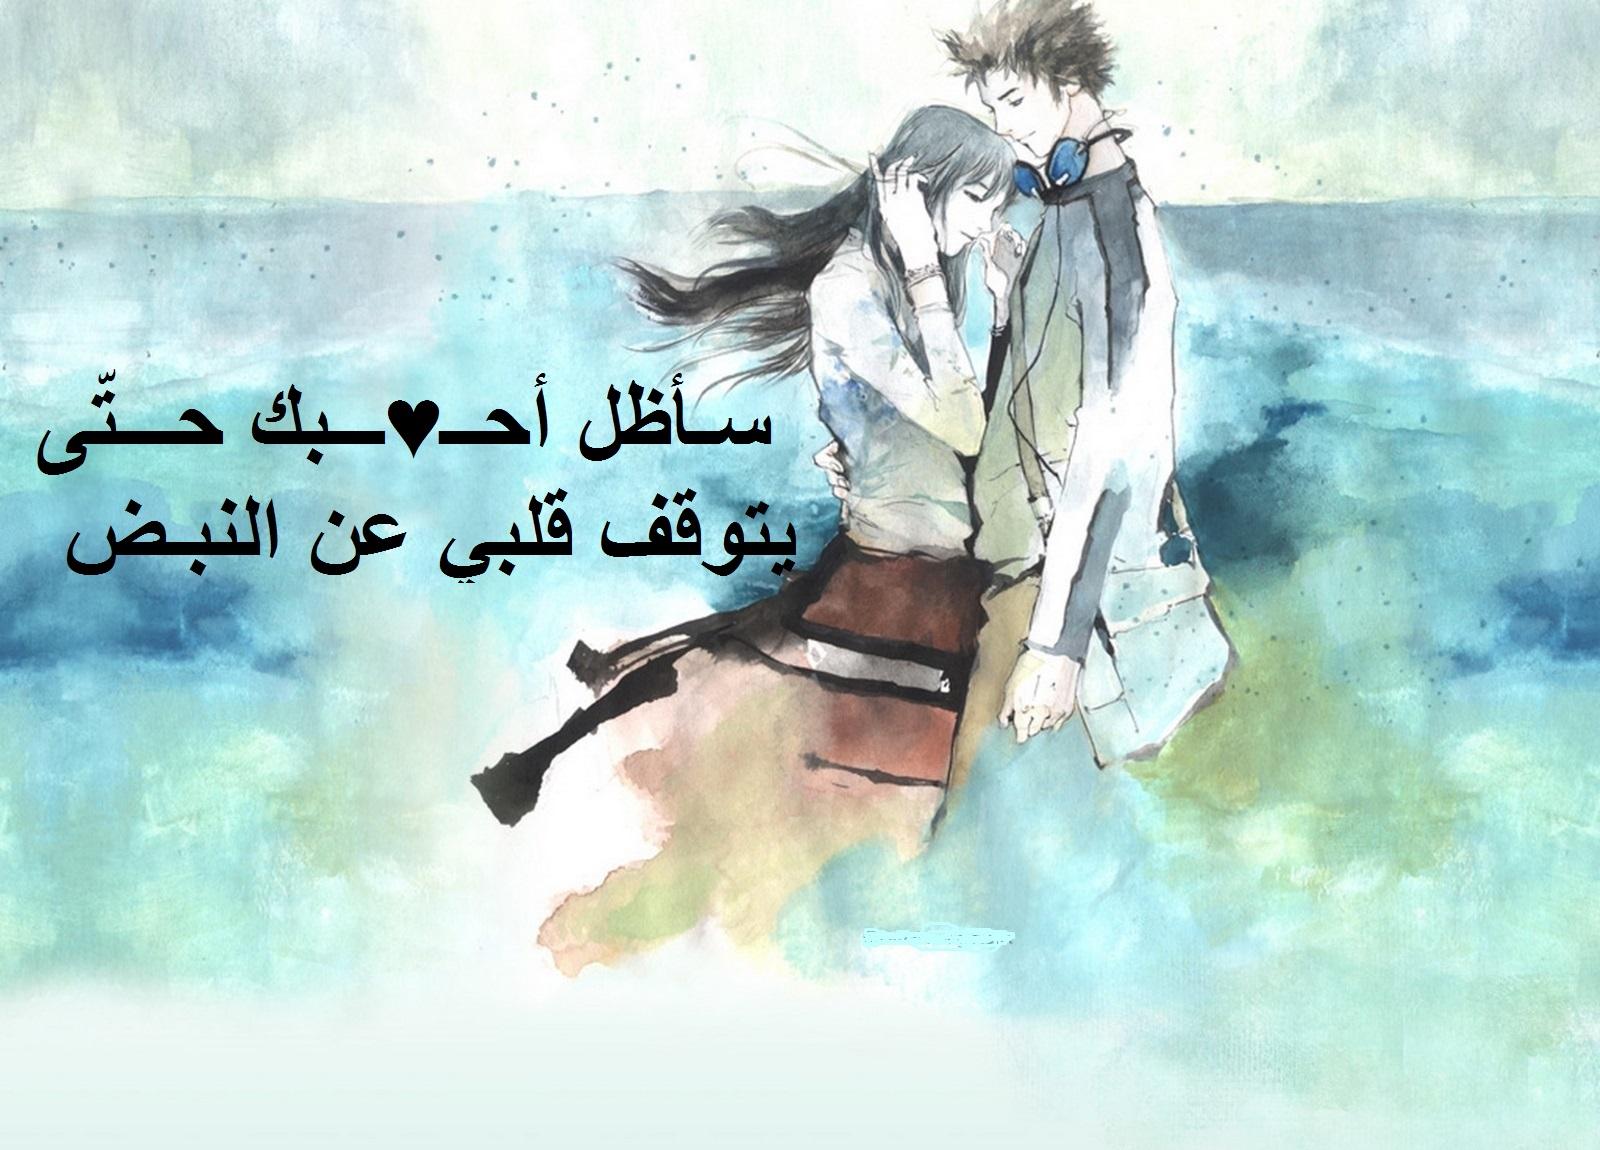 كلام معبر عن احبك بجنون حبيبي.